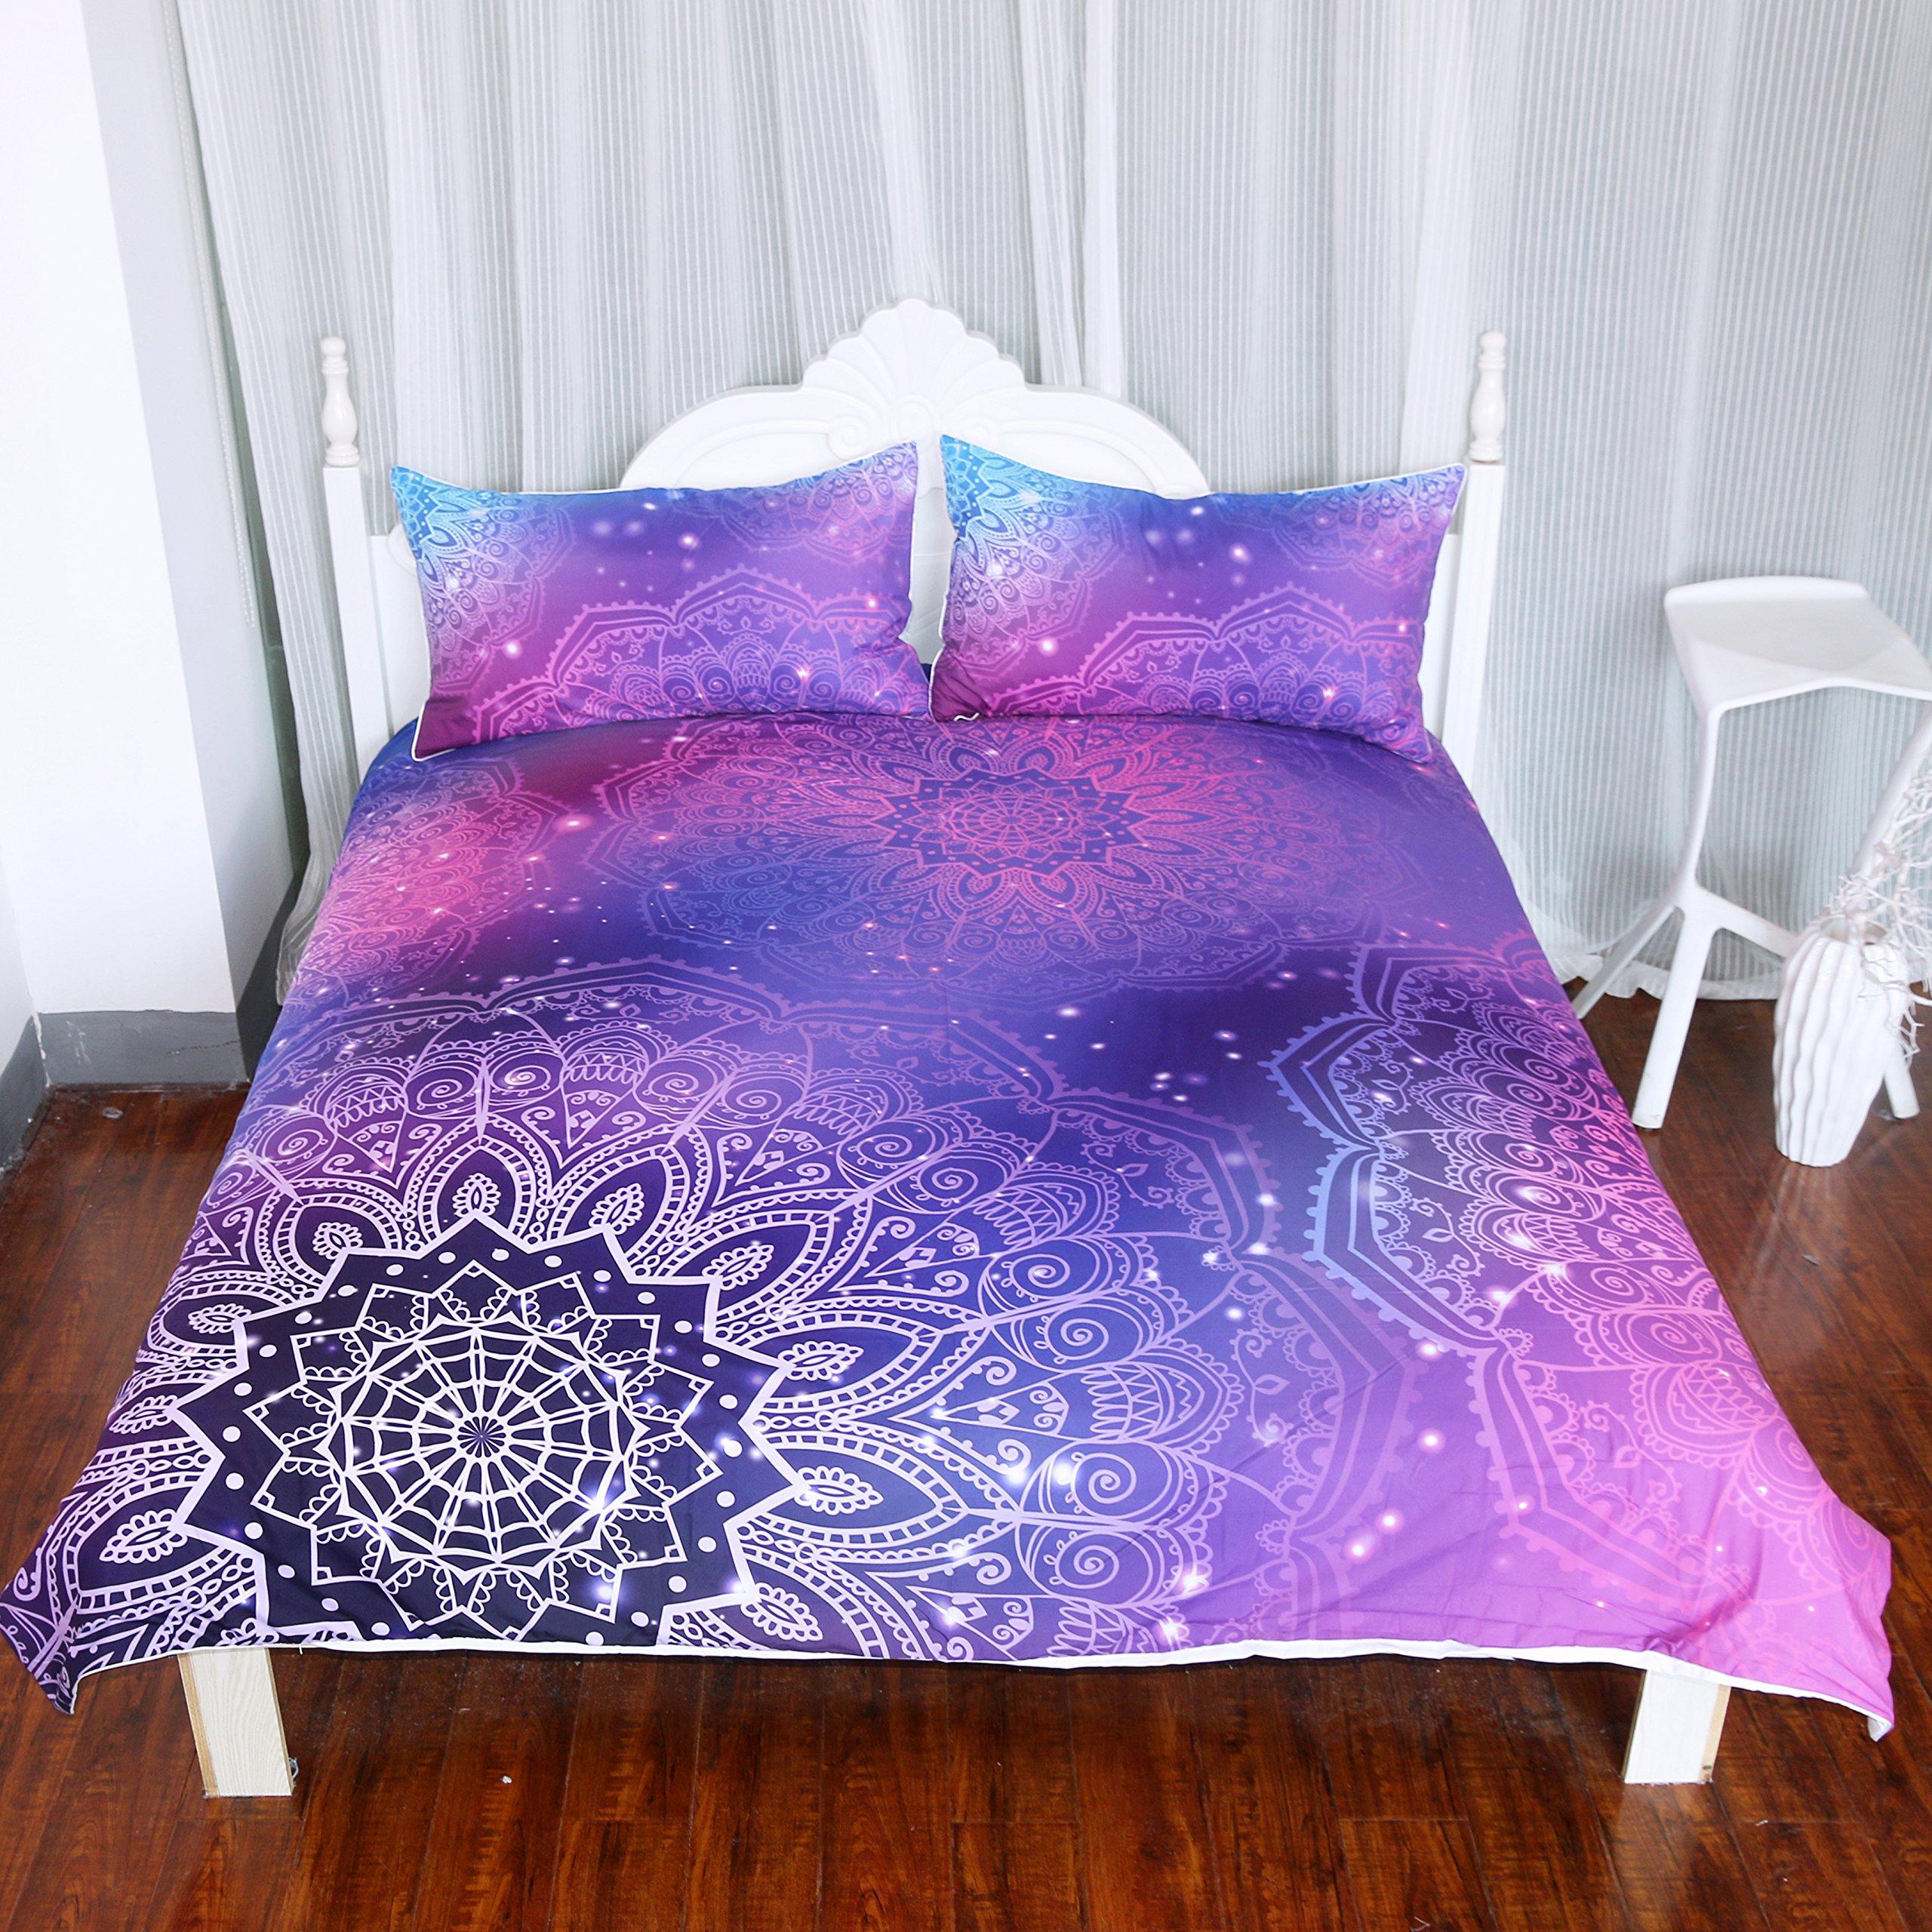 Arightex Iridescent Pink Purple Blue Mandala Duvet Cover 3 Pcs Bling Glitter Bedding Set Girly Duvet Cover (Twin)